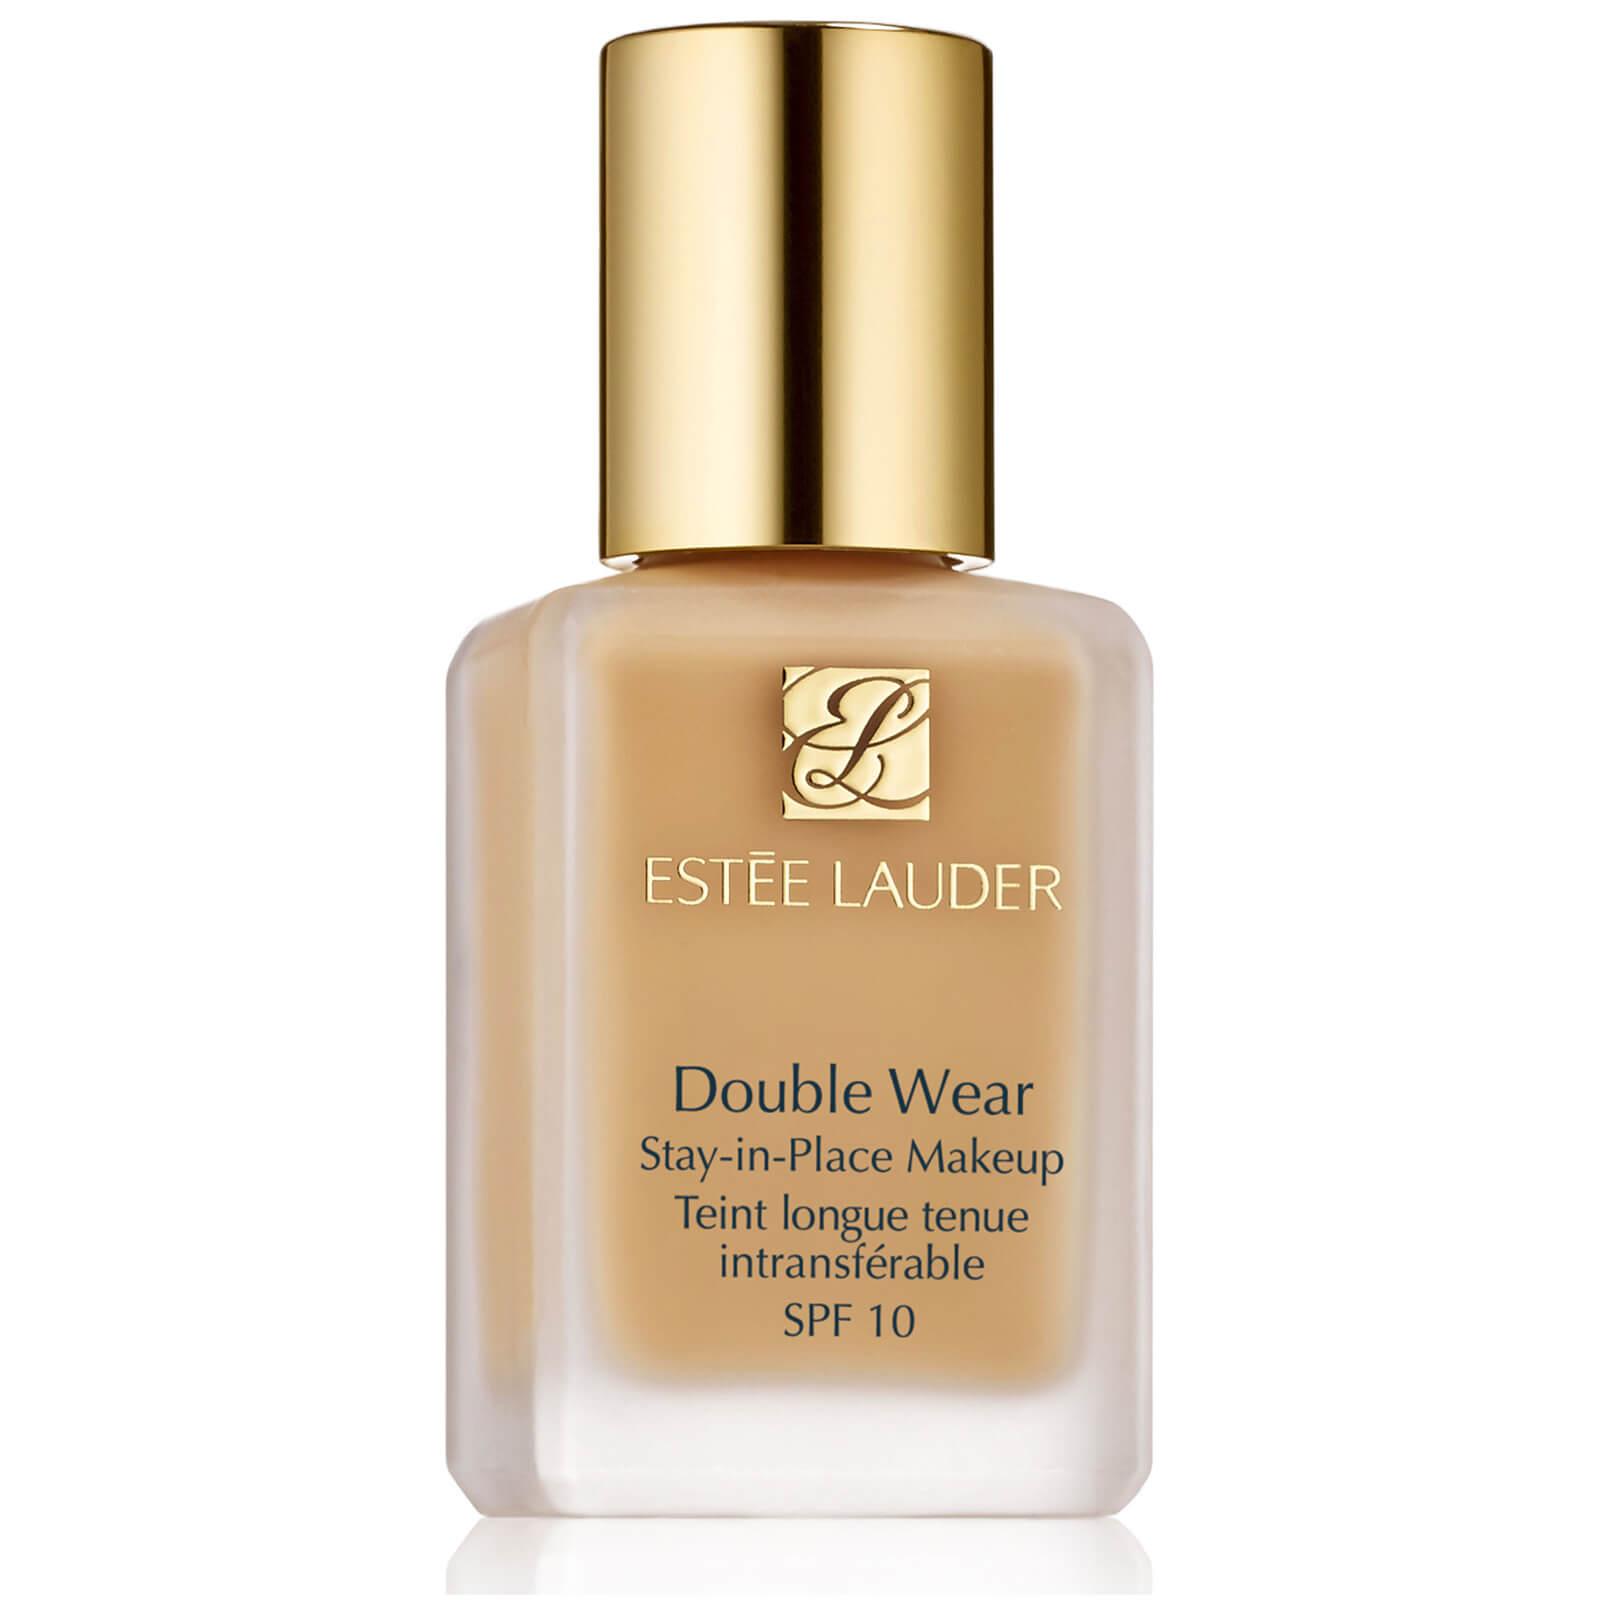 25% Off Estée Lauder w/code -  Estée Lauder Double Wear Foundation  Makeup 30ml £24.38 With Code @ Look Fantastic